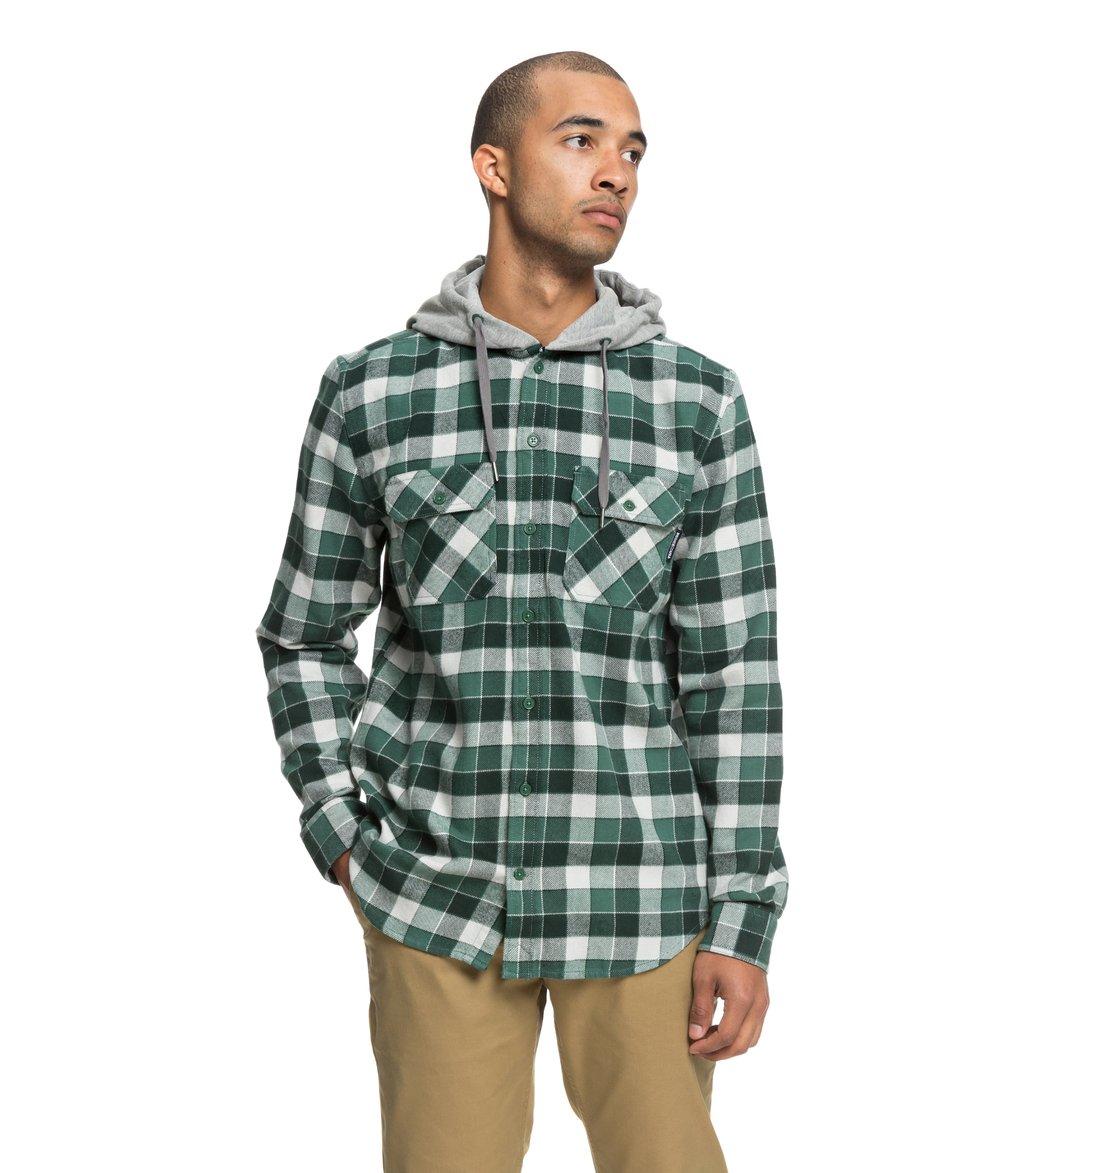 runnels chemise manches longues avec capuche en flanelle pour homme edywt03201 dc shoes. Black Bedroom Furniture Sets. Home Design Ideas